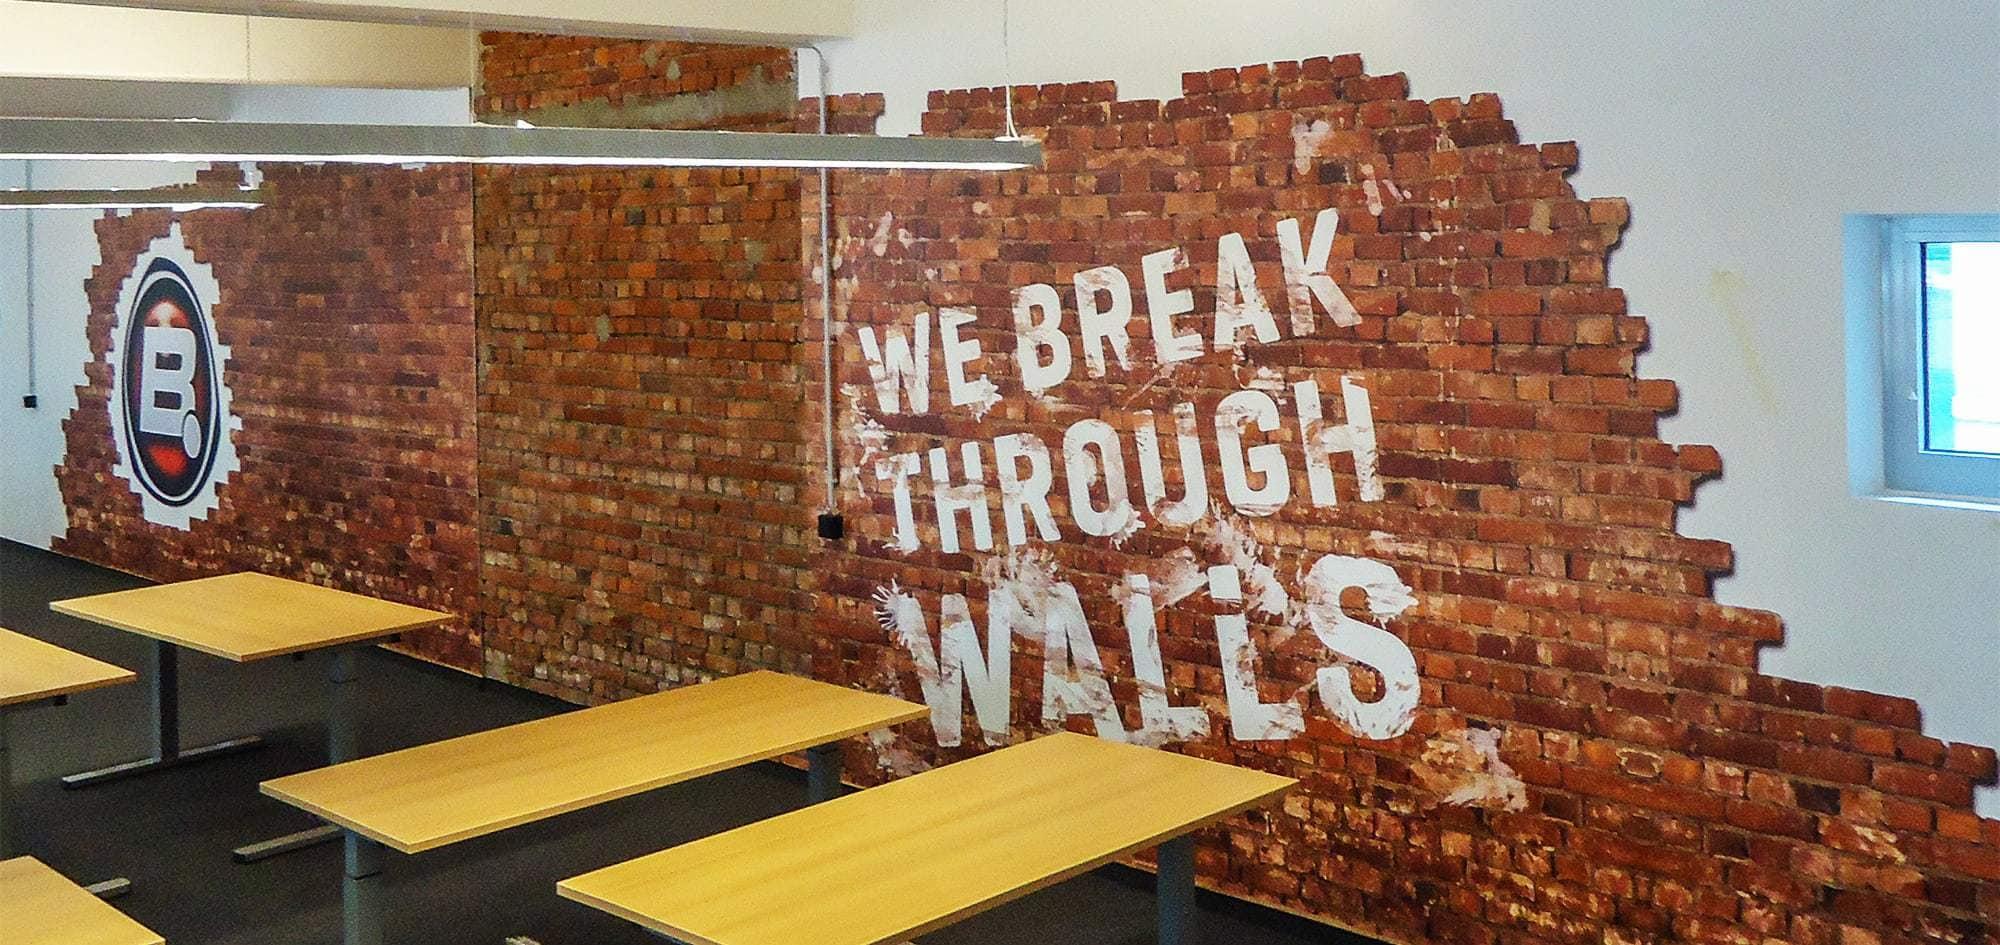 Fototapete als Mauerwand in Hamburg im UV Direktdruck gedruckt und danach mit Abbruch in Form geschnitten.